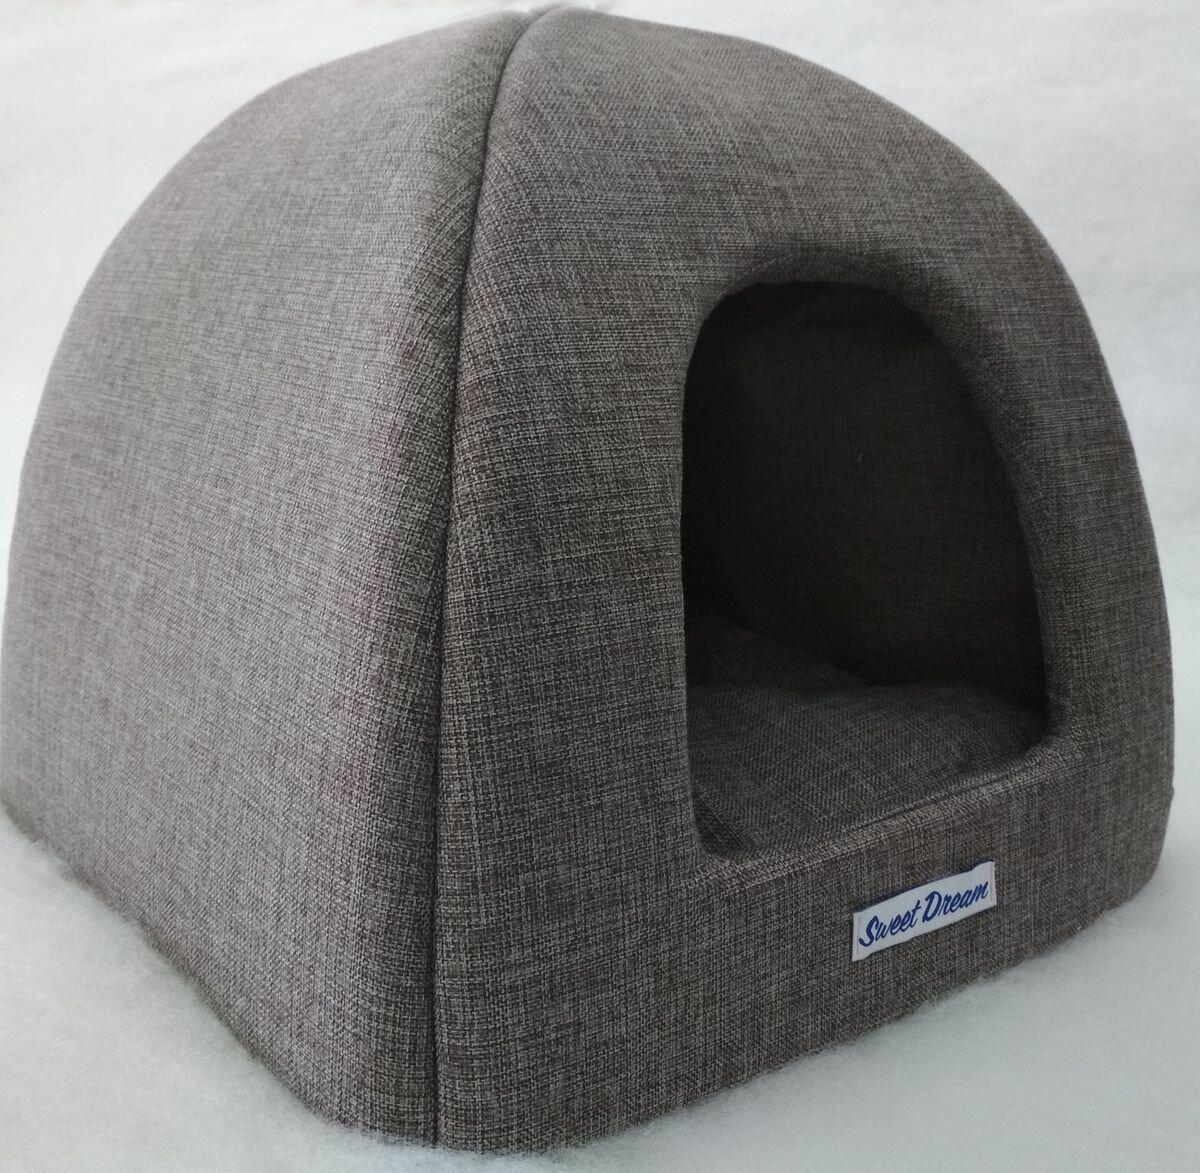 Домик для кошек и собак Бобровый Дворик Сладкий сон №2, серый, 42x38x42см